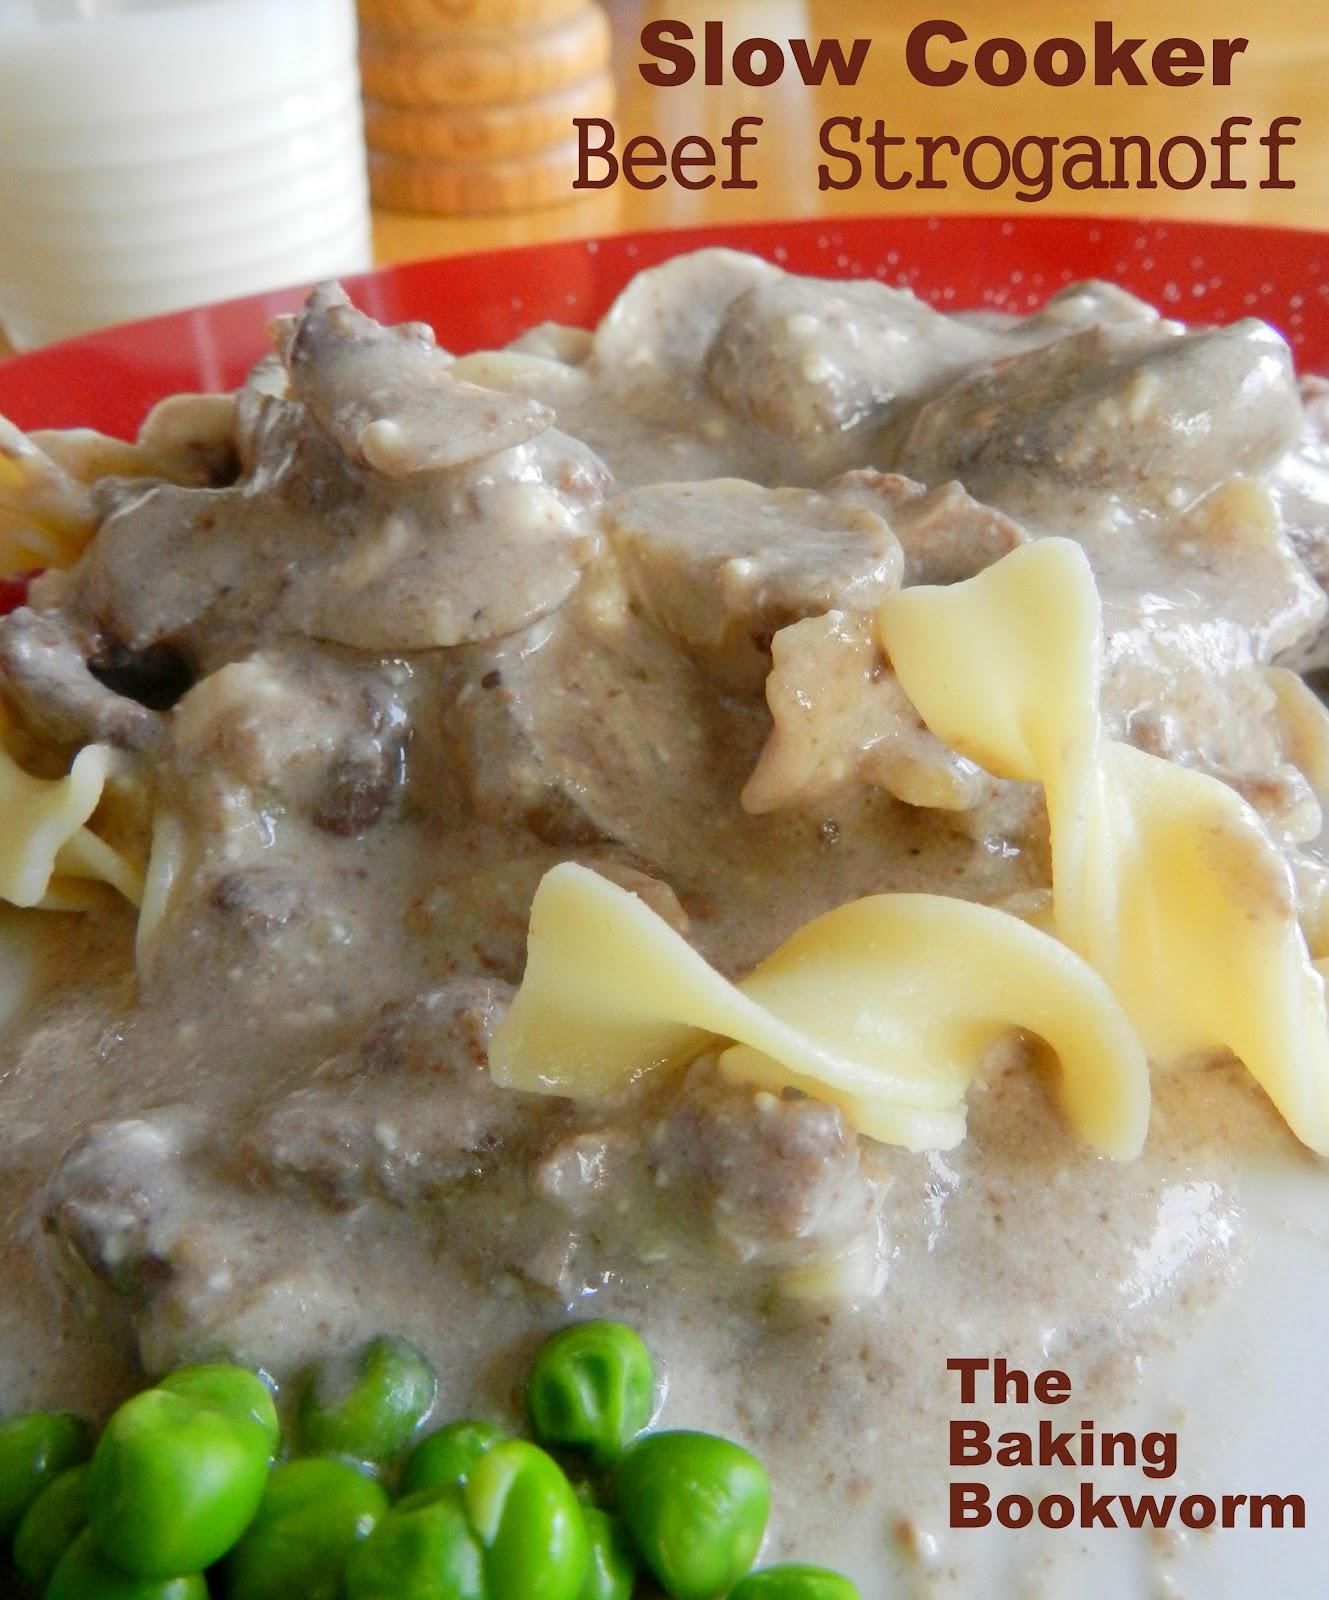 The Baking Bookworm: Slow Cooker Beef Stroganoff